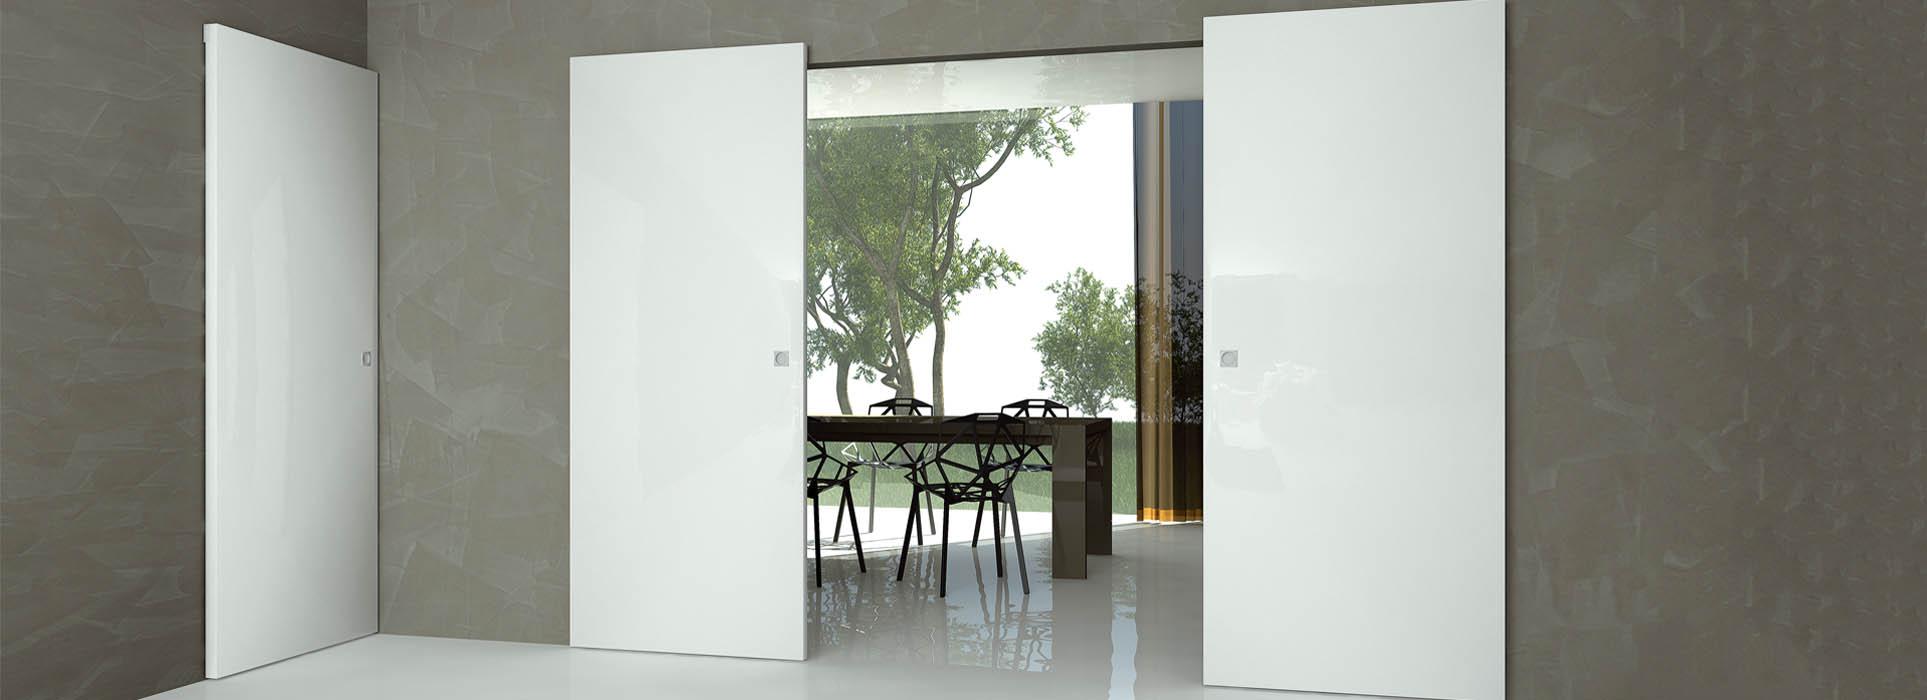 Porte interne prezzi ikea contenitori da parete ikea with for Ikea porte interne